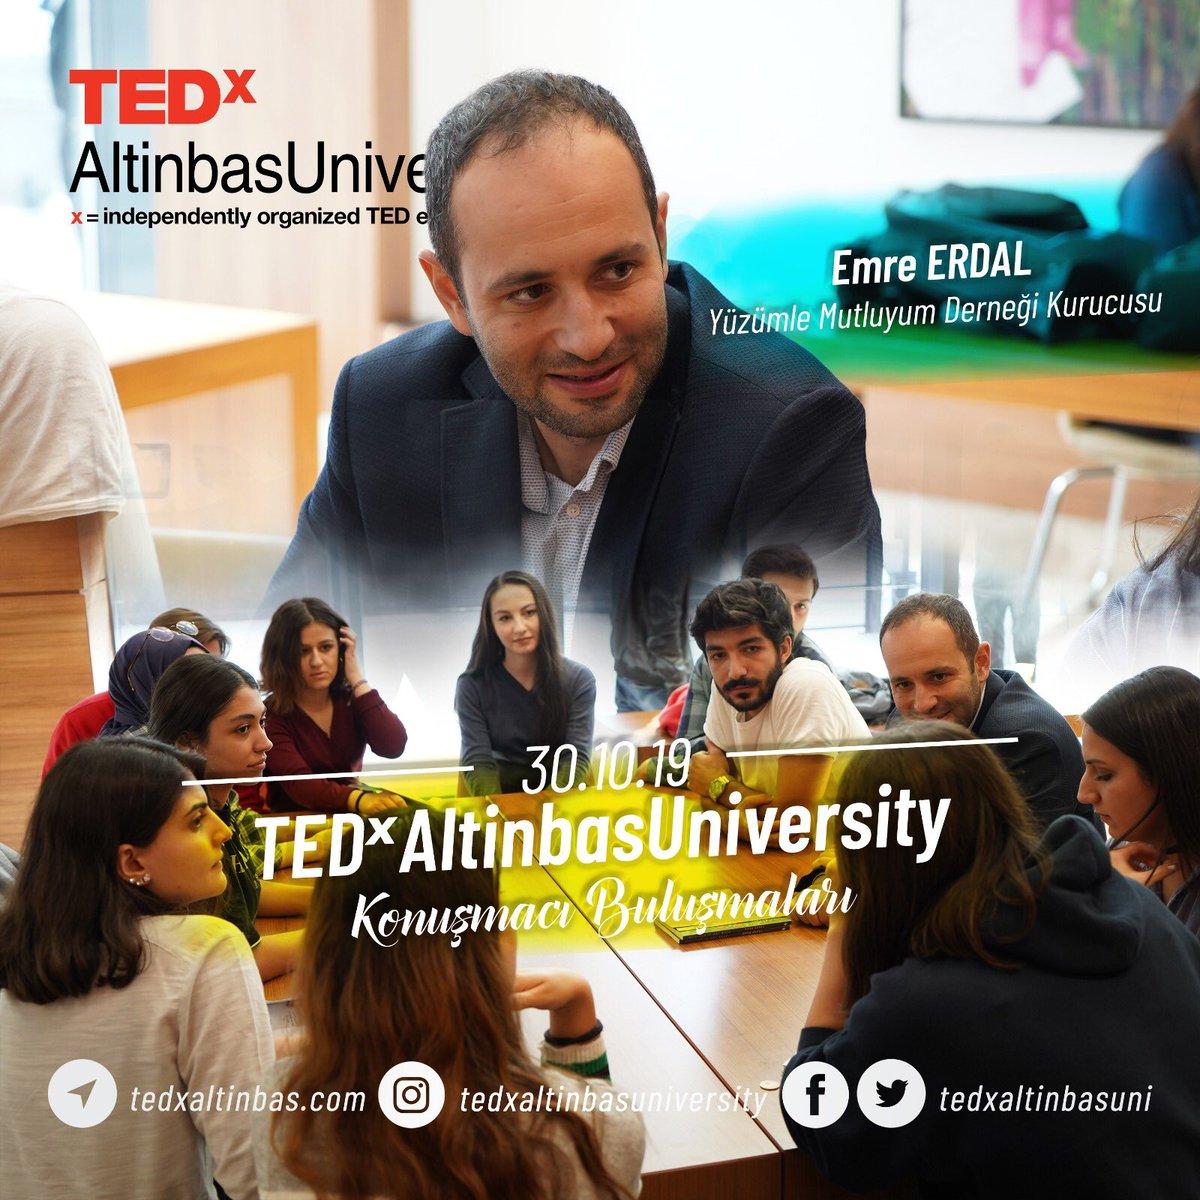 Dün ilk konuşmacı buluşmalarımızı @yuzumlemutluyum  derneği kurucusu Emre Erdal ile gerçekleştirdik. Etkinlik için sabırsızlanıyoruz! 😎